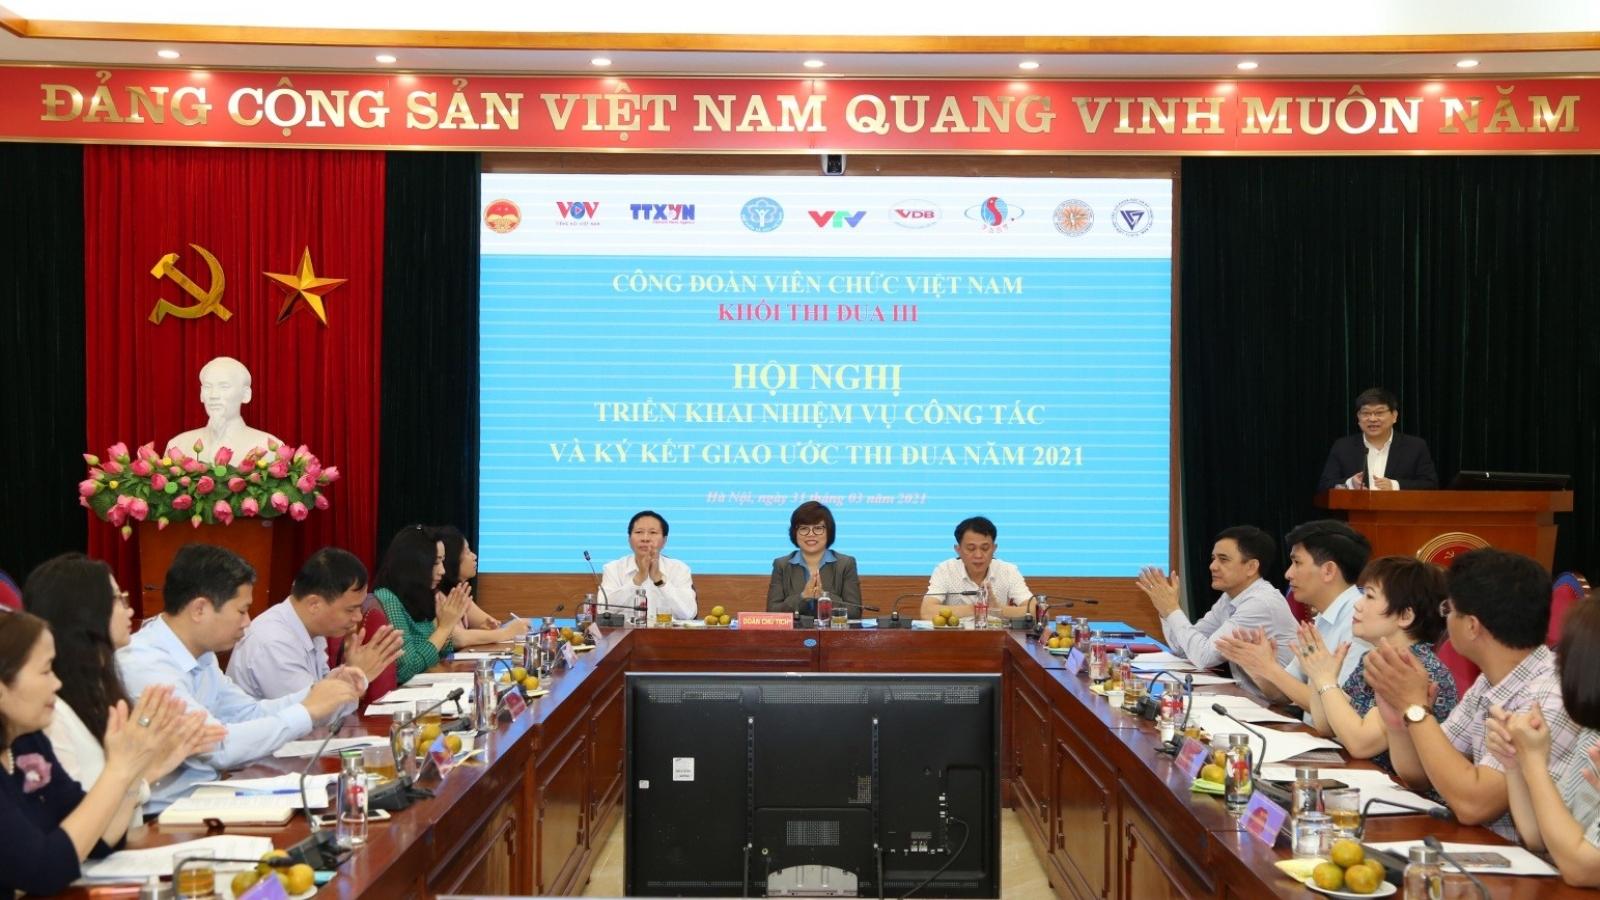 Công đoàn Viên chức Việt Nam ký kết giao ước thi đua năm 2021